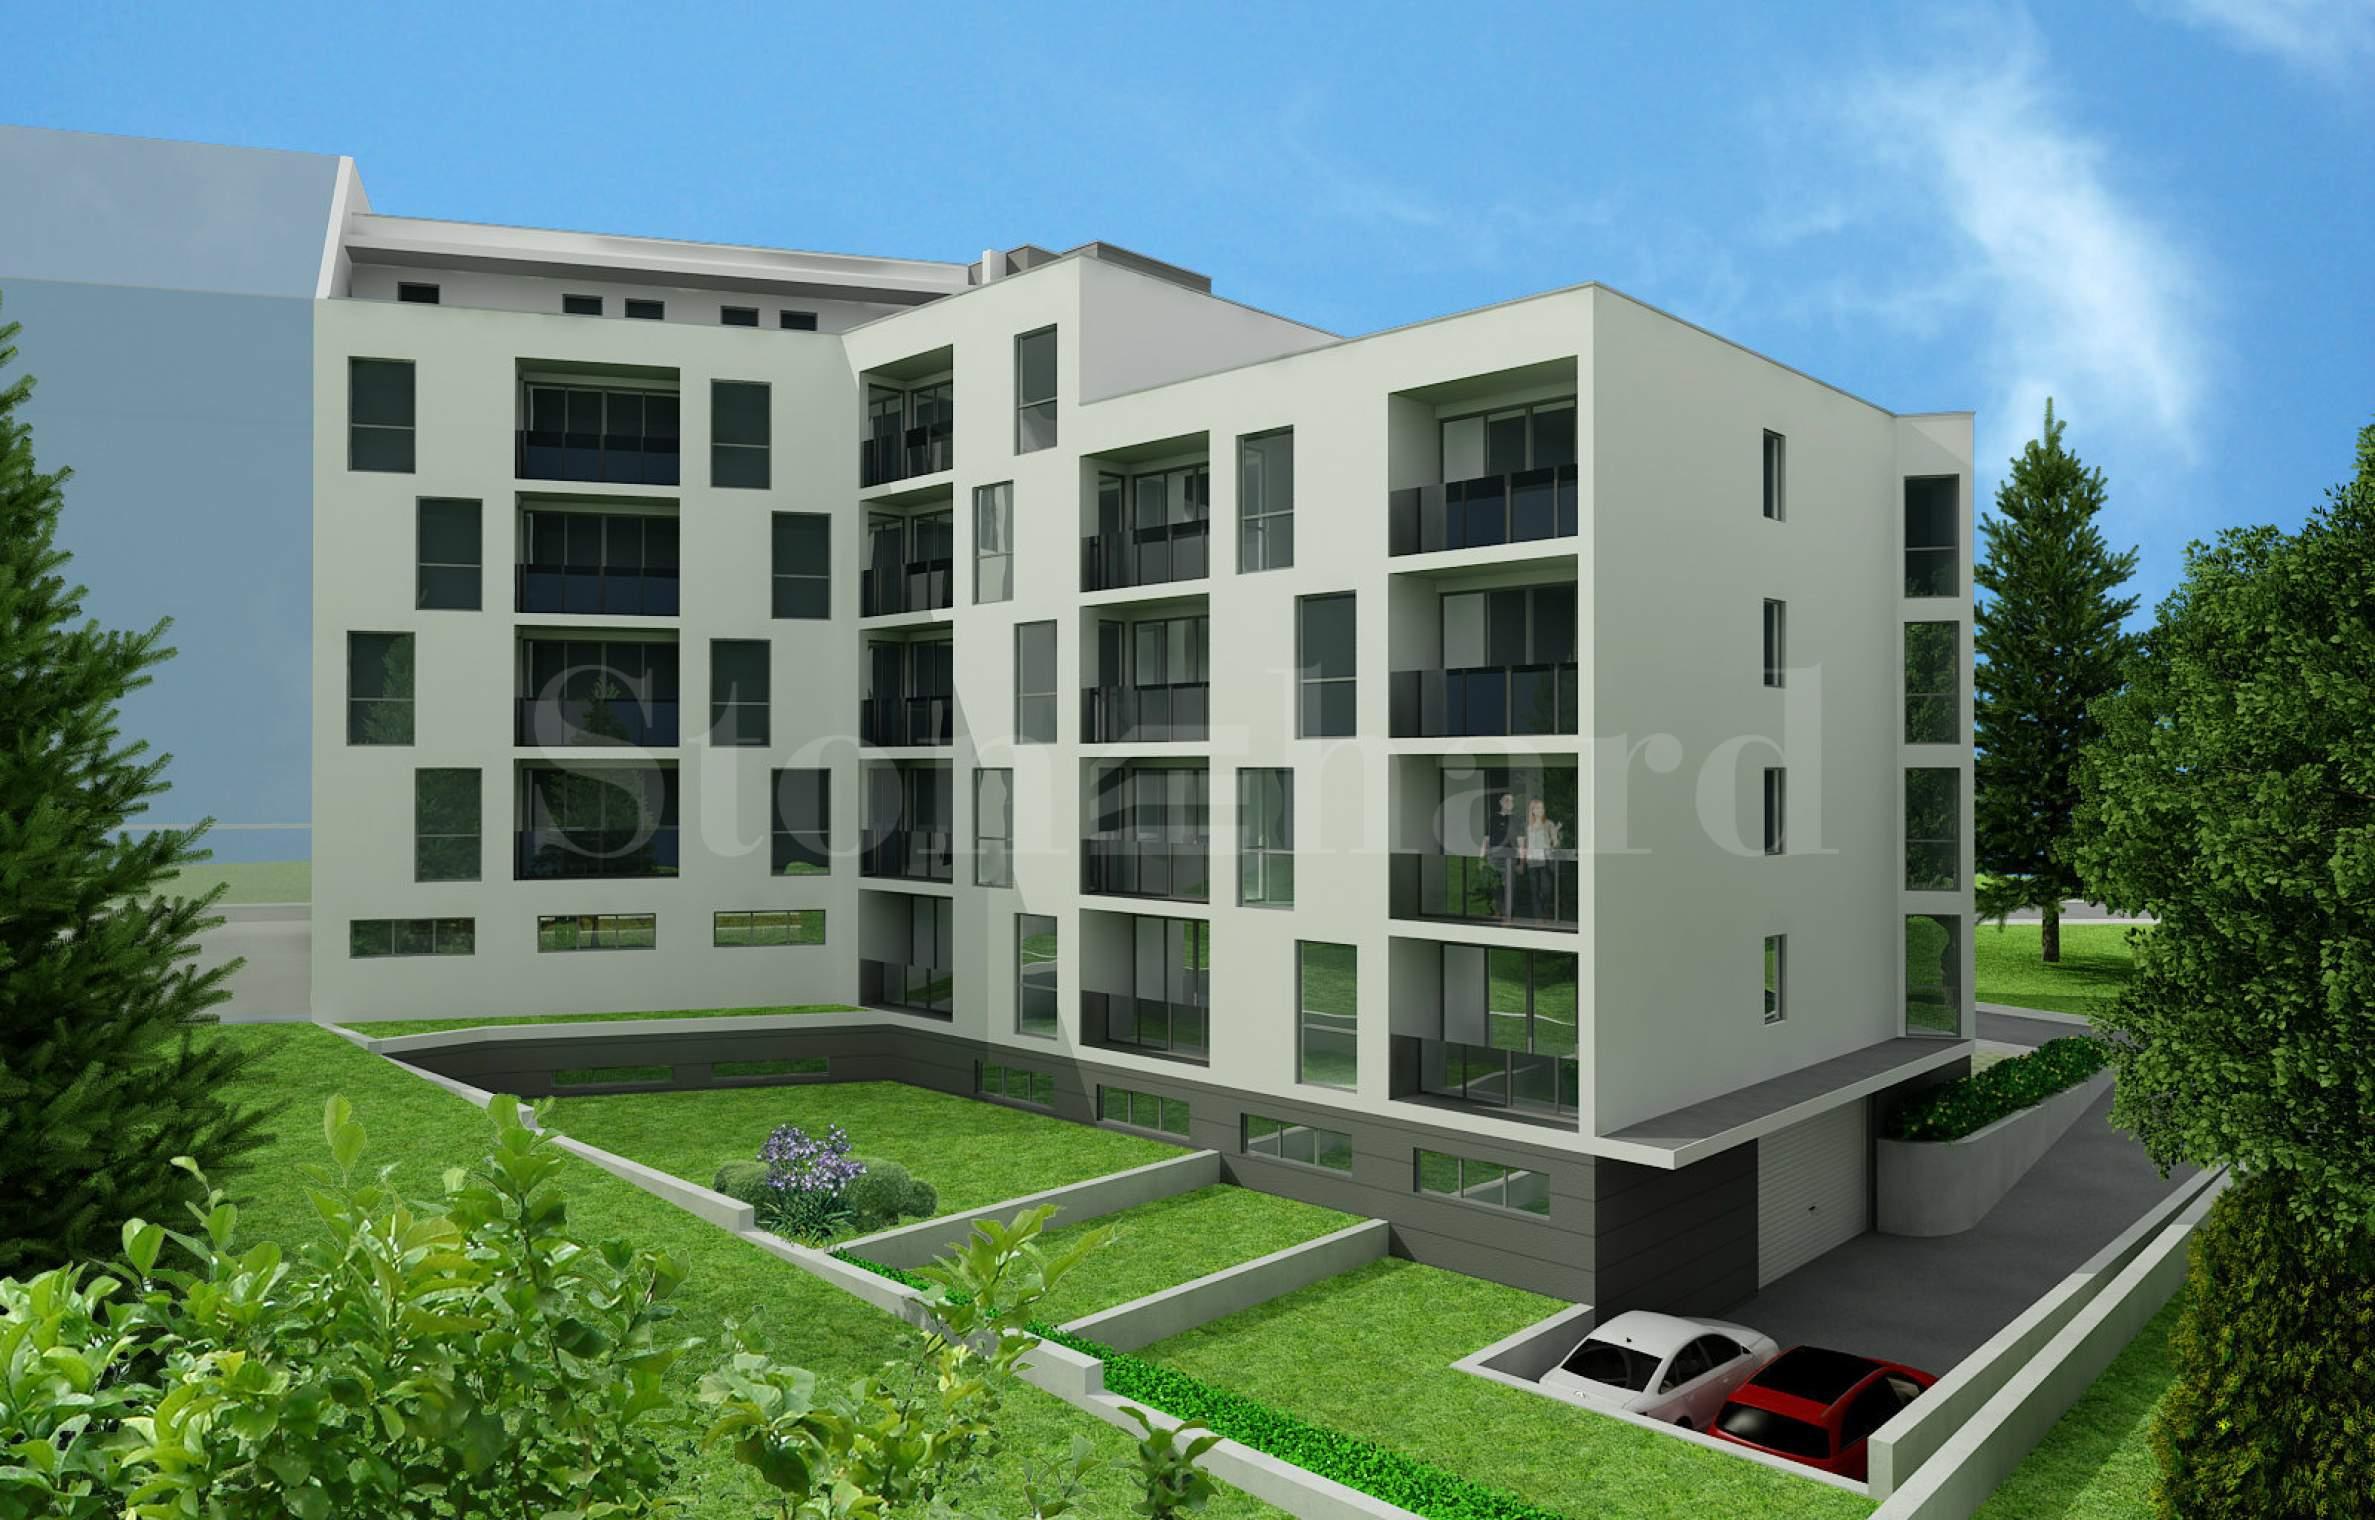 Модерна жилищна сграда на шест етажа в кв. Овча Купел2 - Stonehard